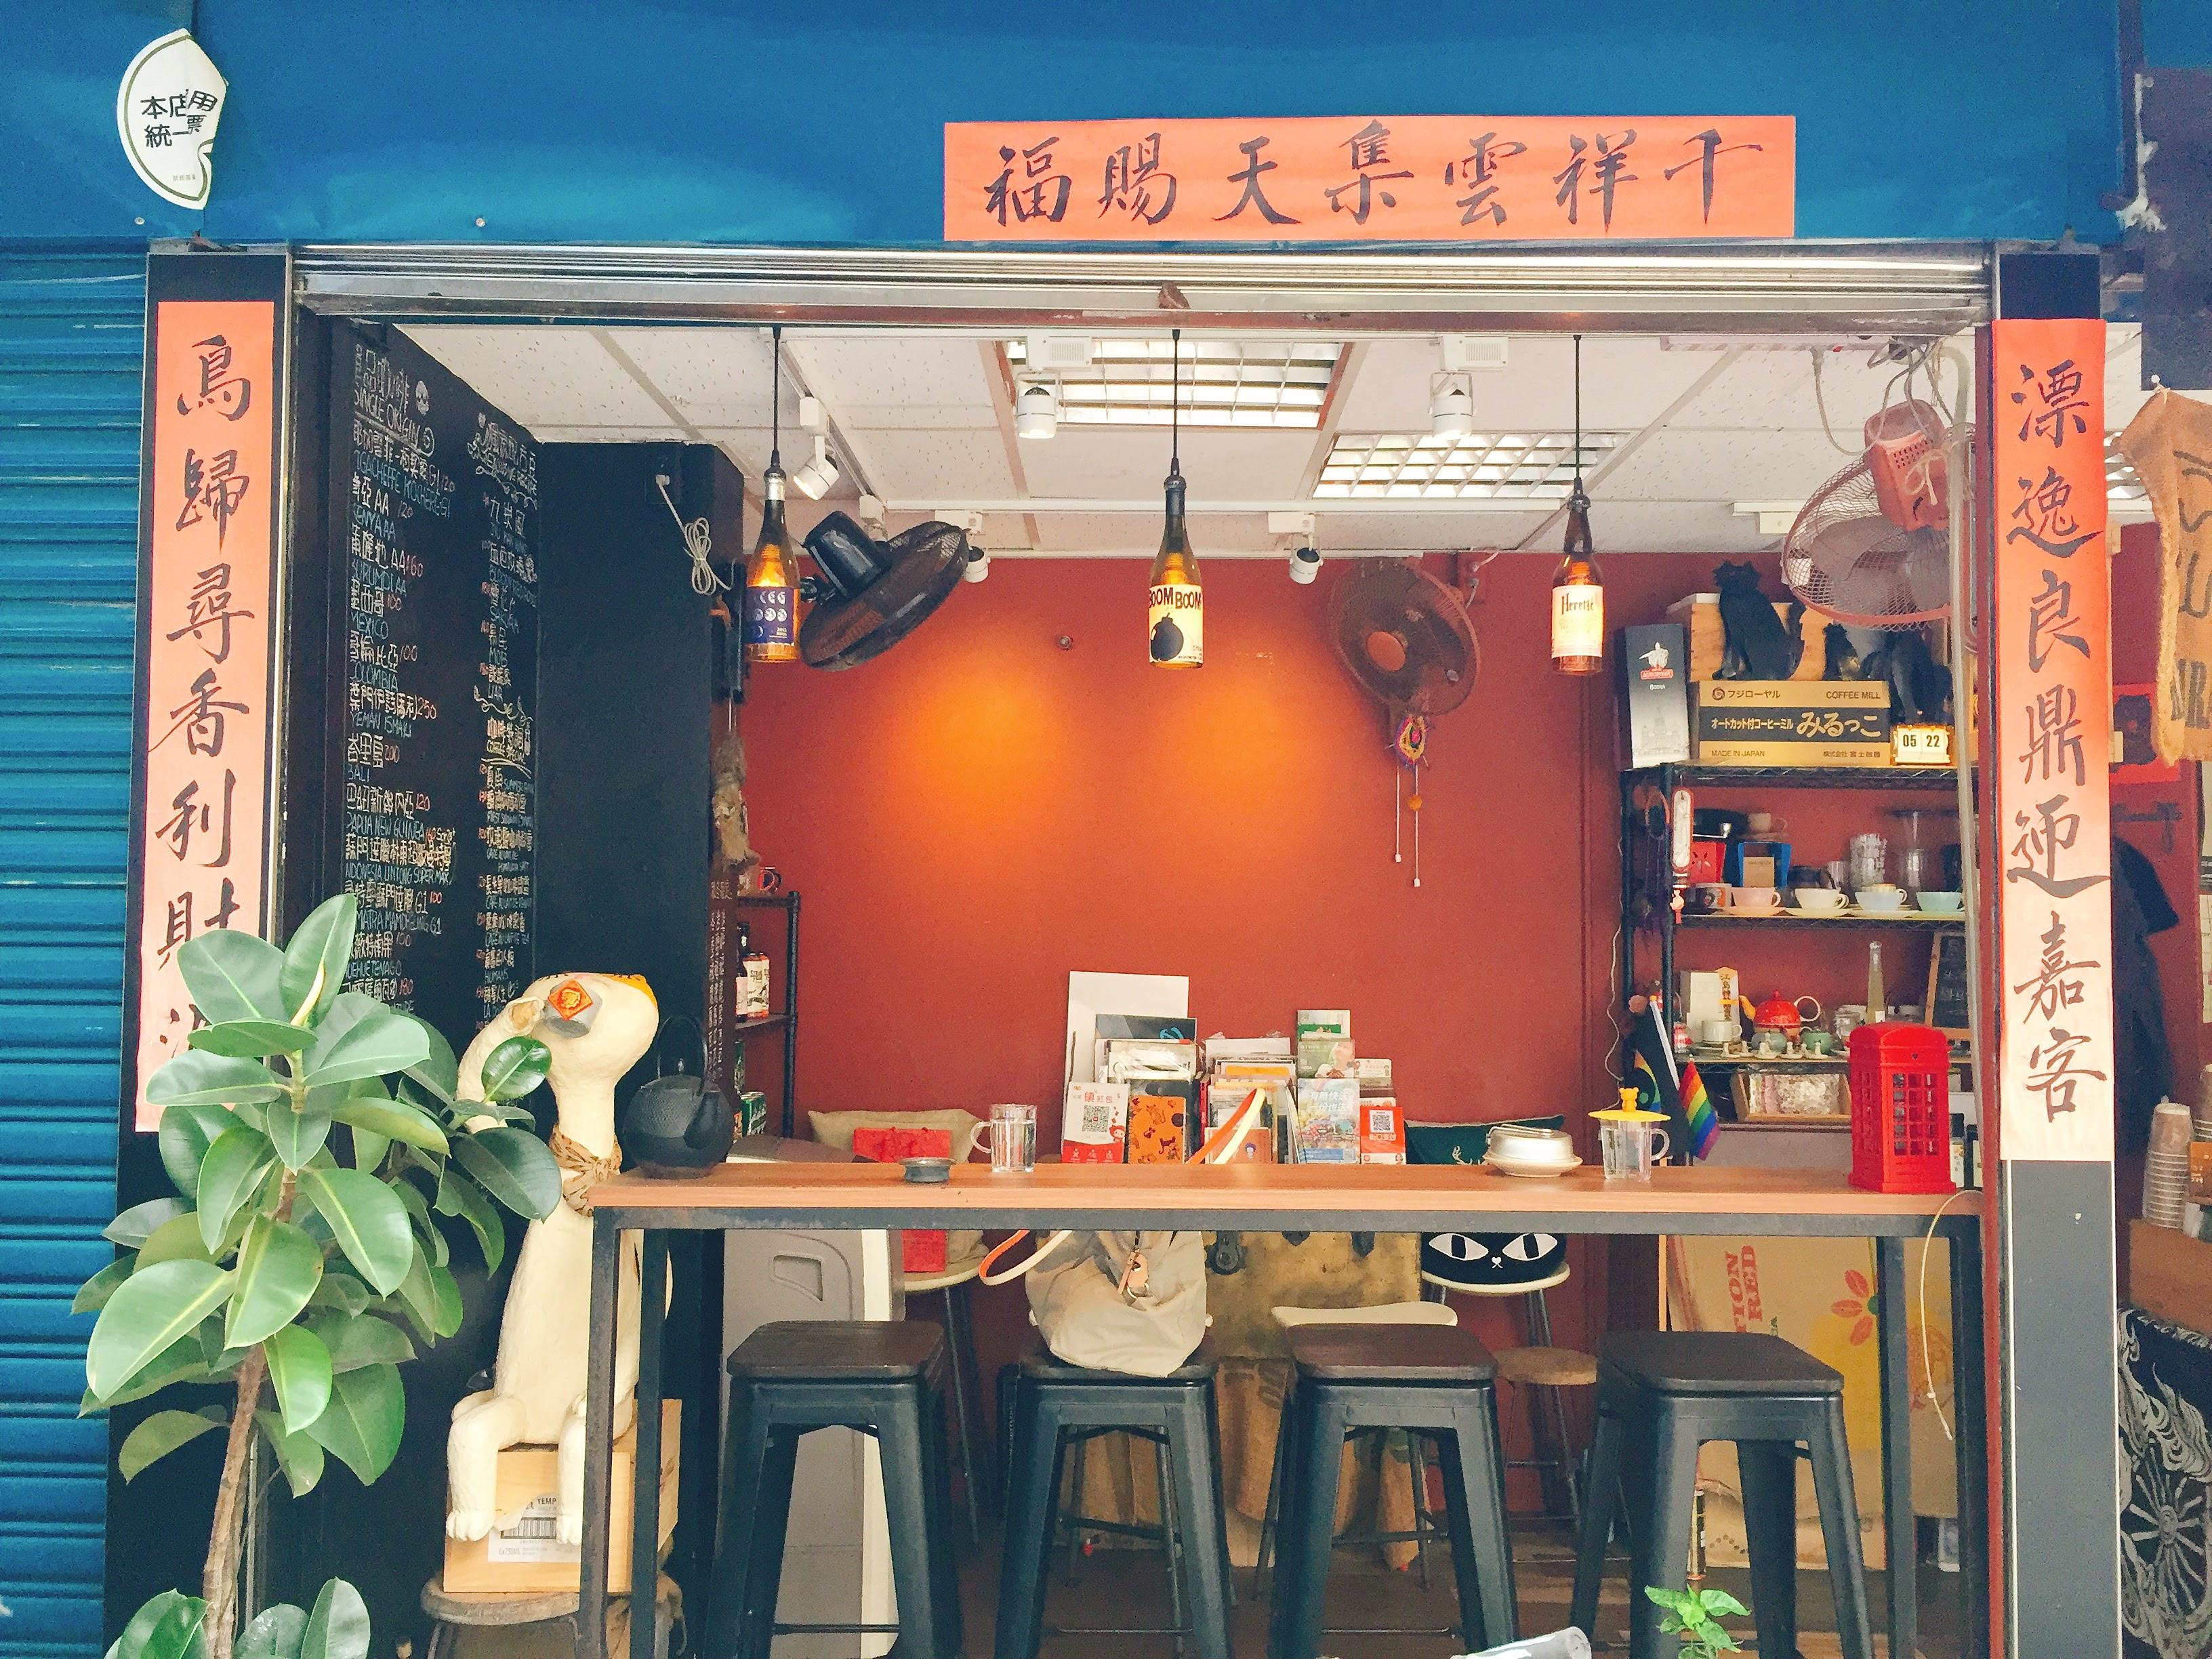 台北のおすすめカフェ厳選まとめ